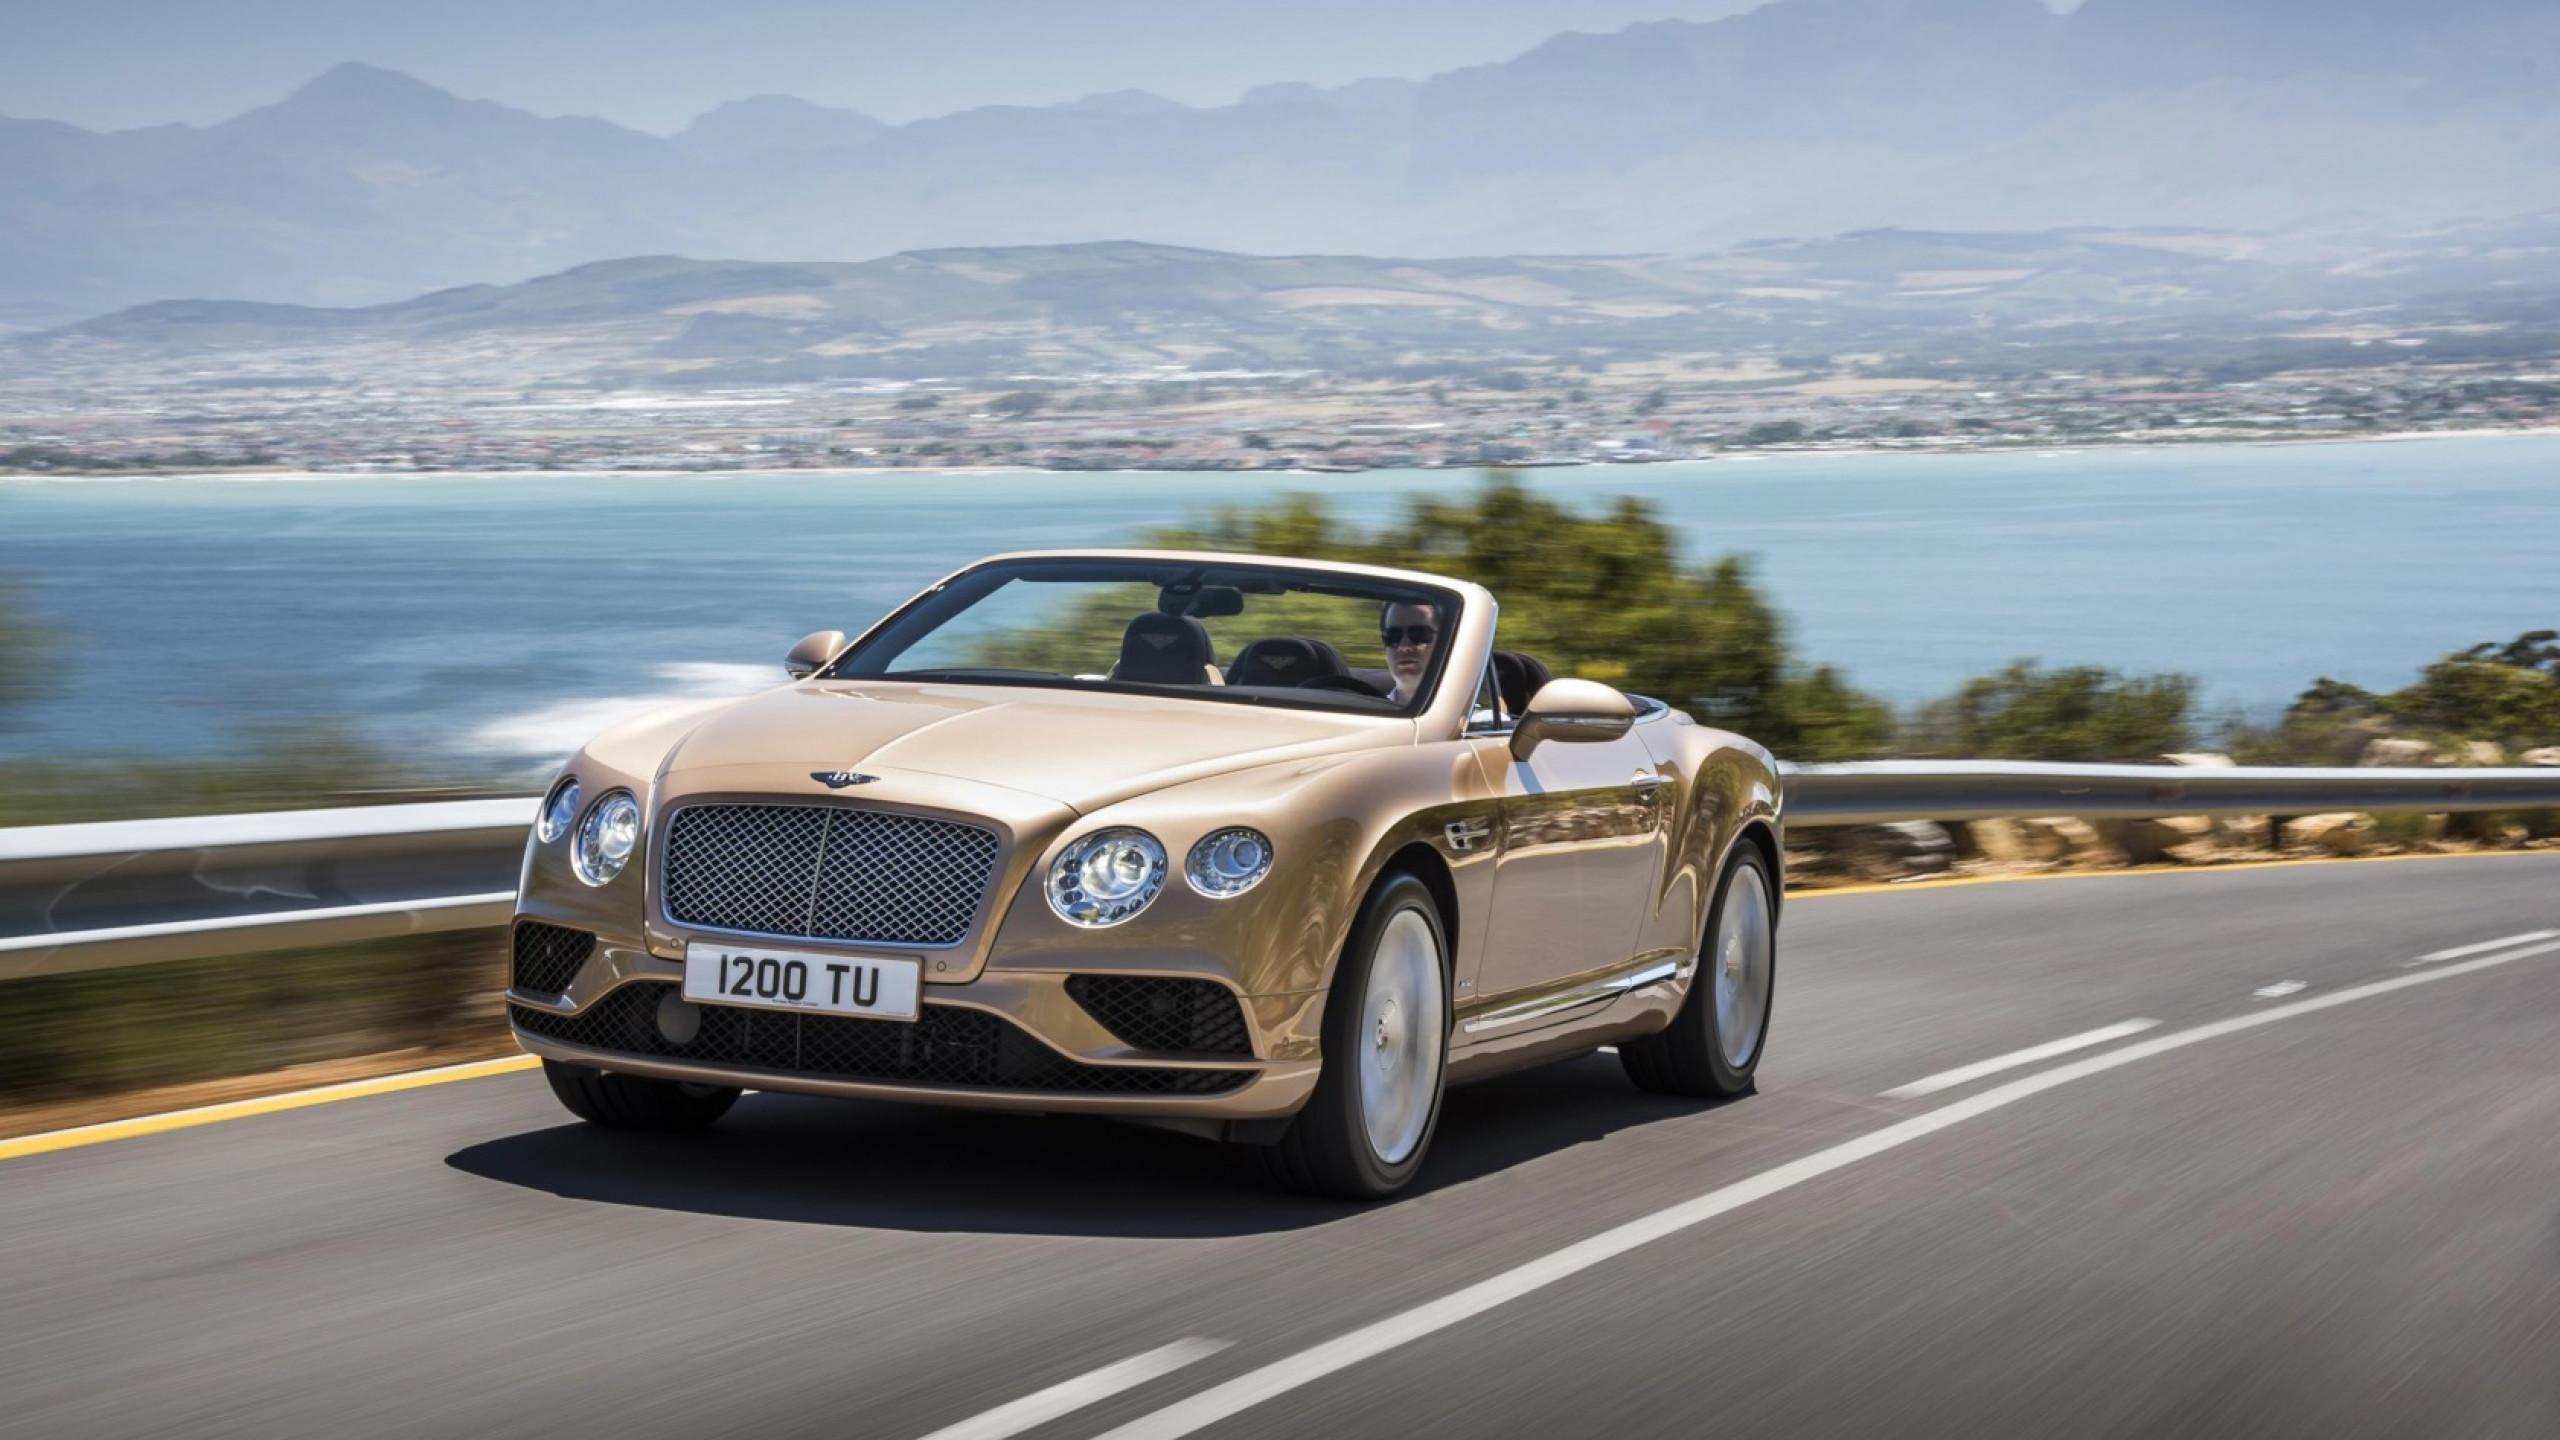 Bentley Wallpapers (69+ images)